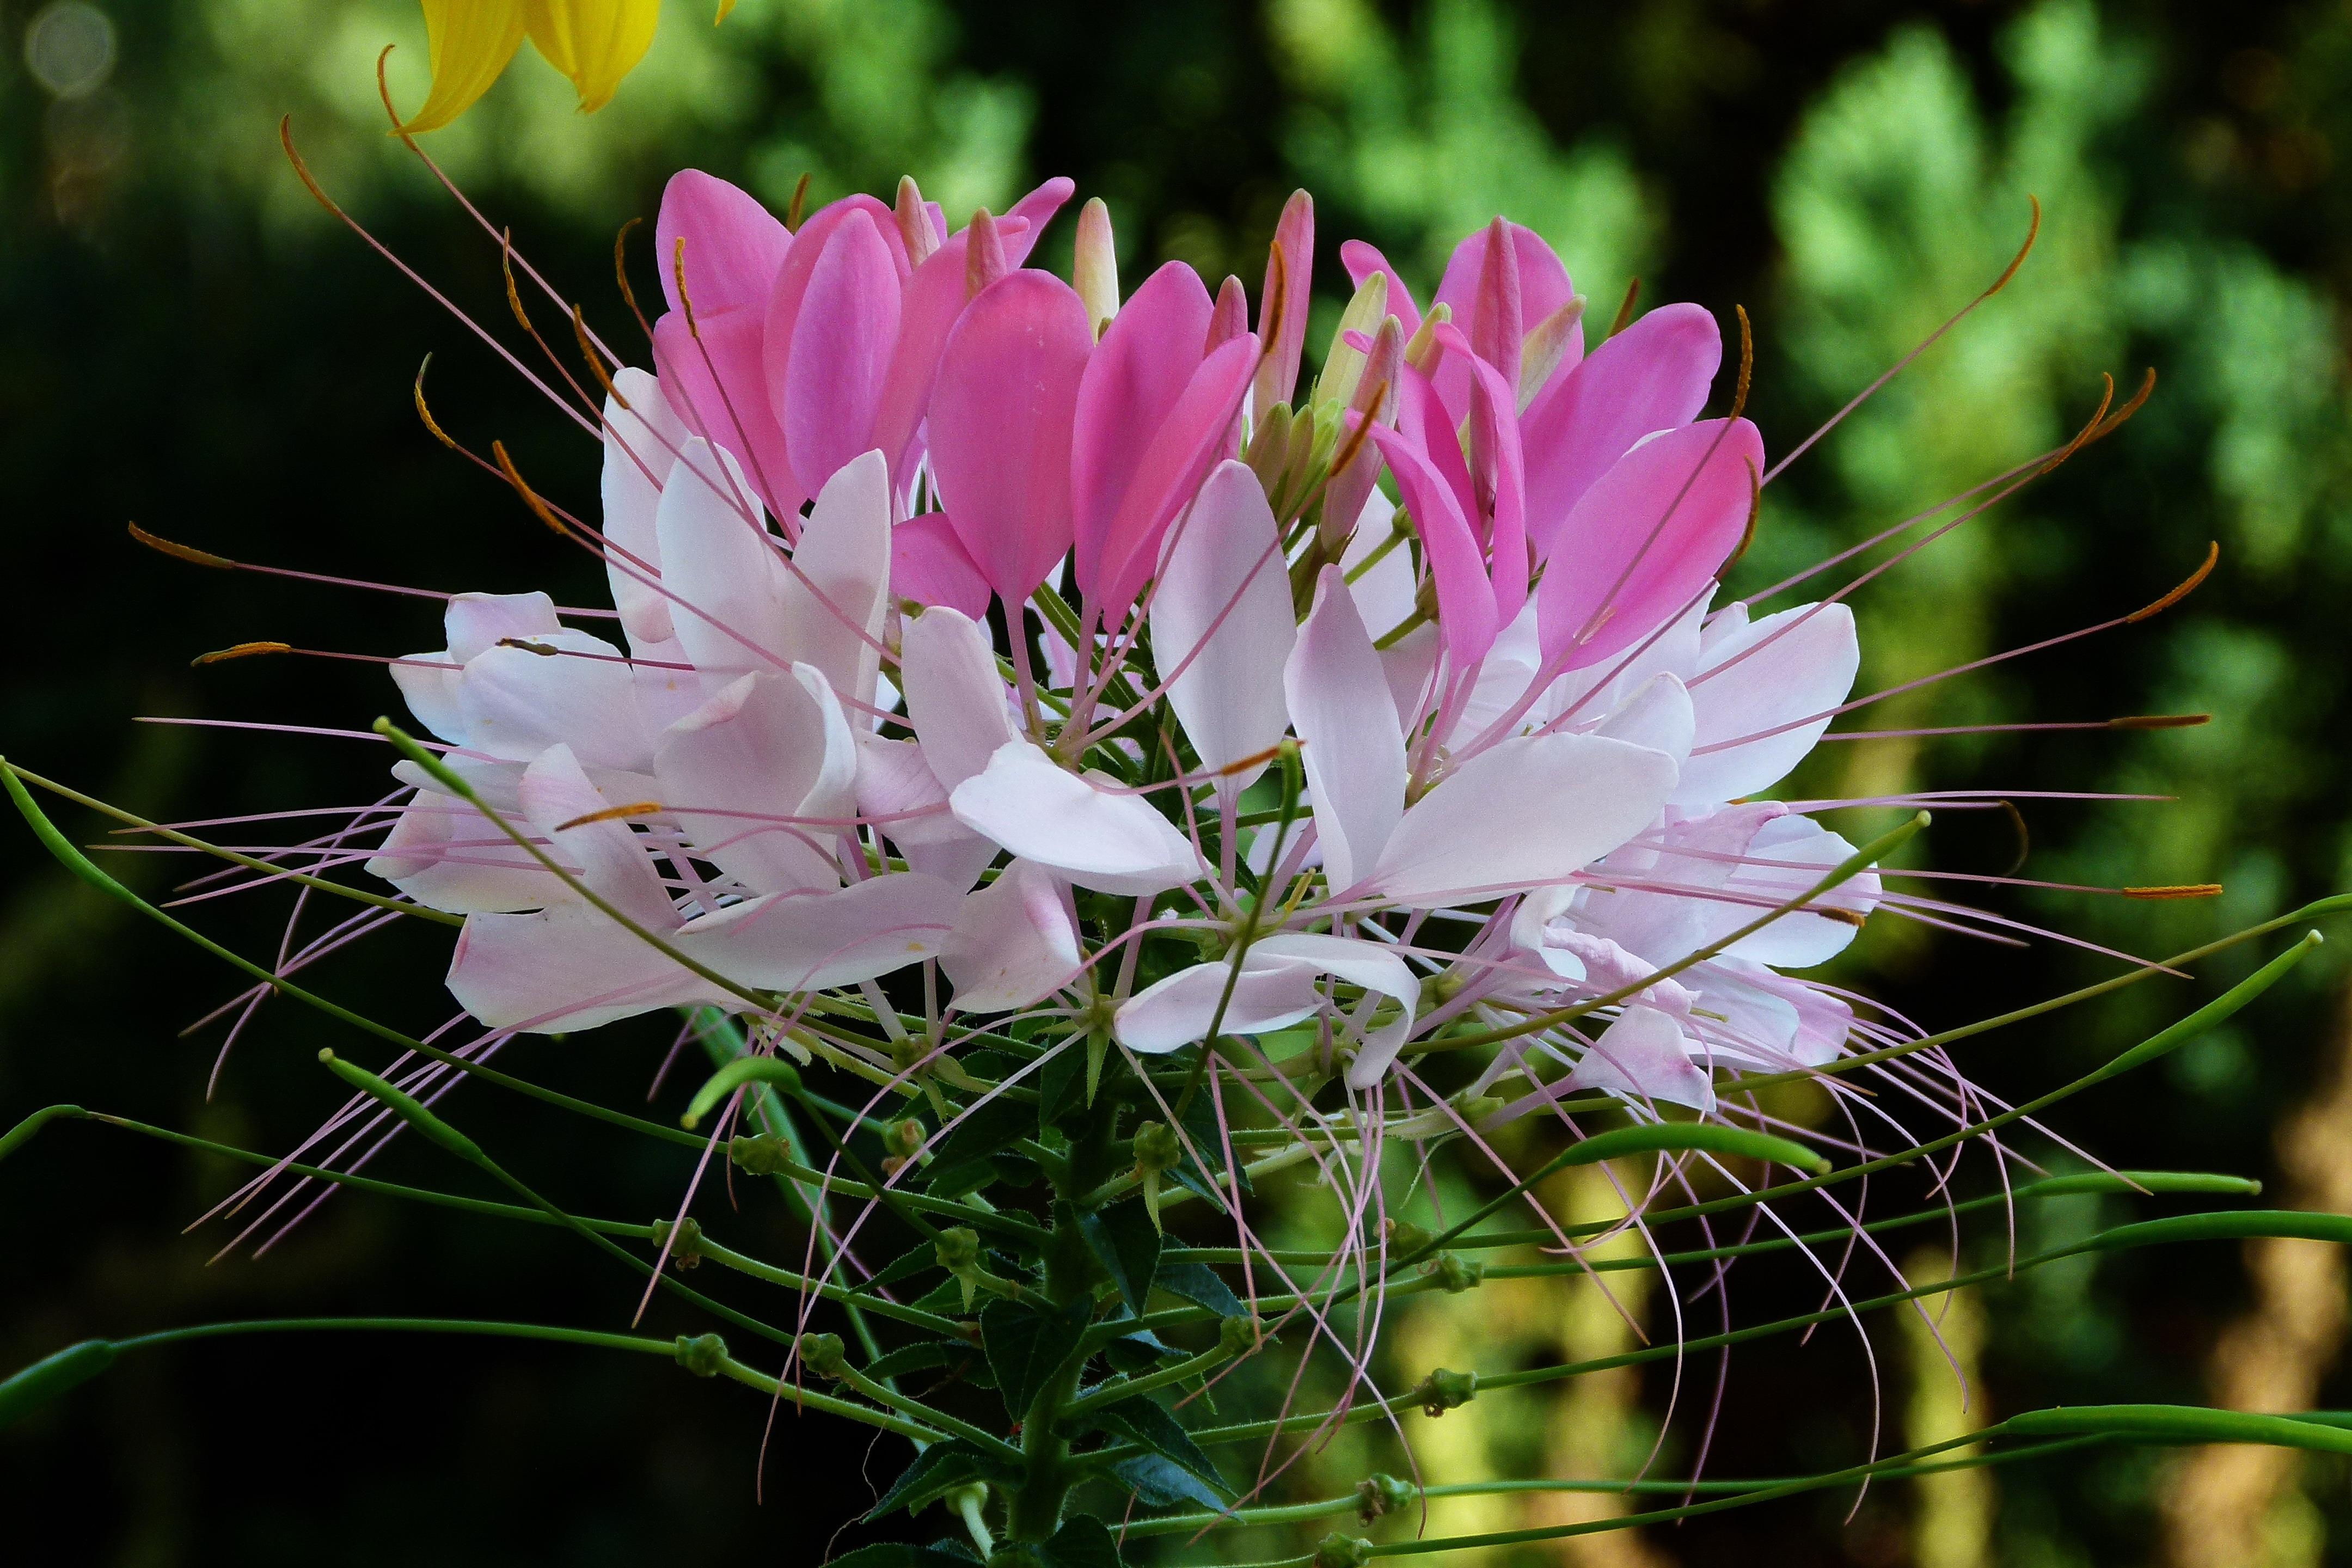 შამპანურის შხეფები თუ ყვავილი ობობა (კლეომა, Cleome)